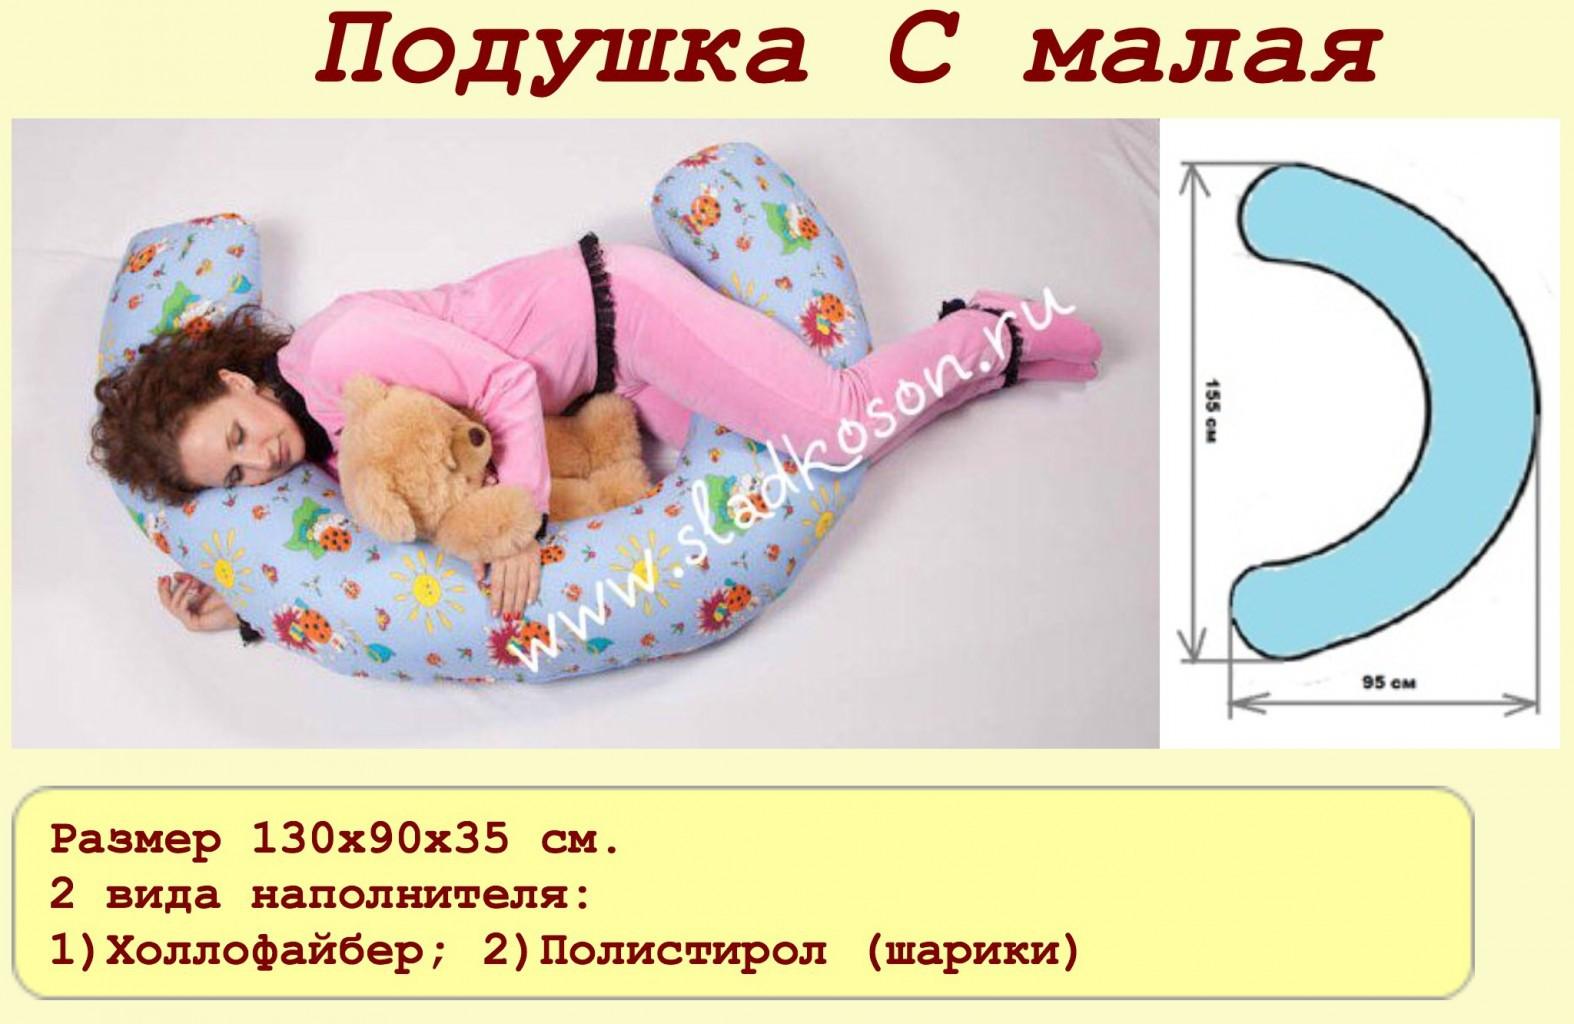 Подушки для беременных, для кормления, ограничители и позиционеры для новорожденных